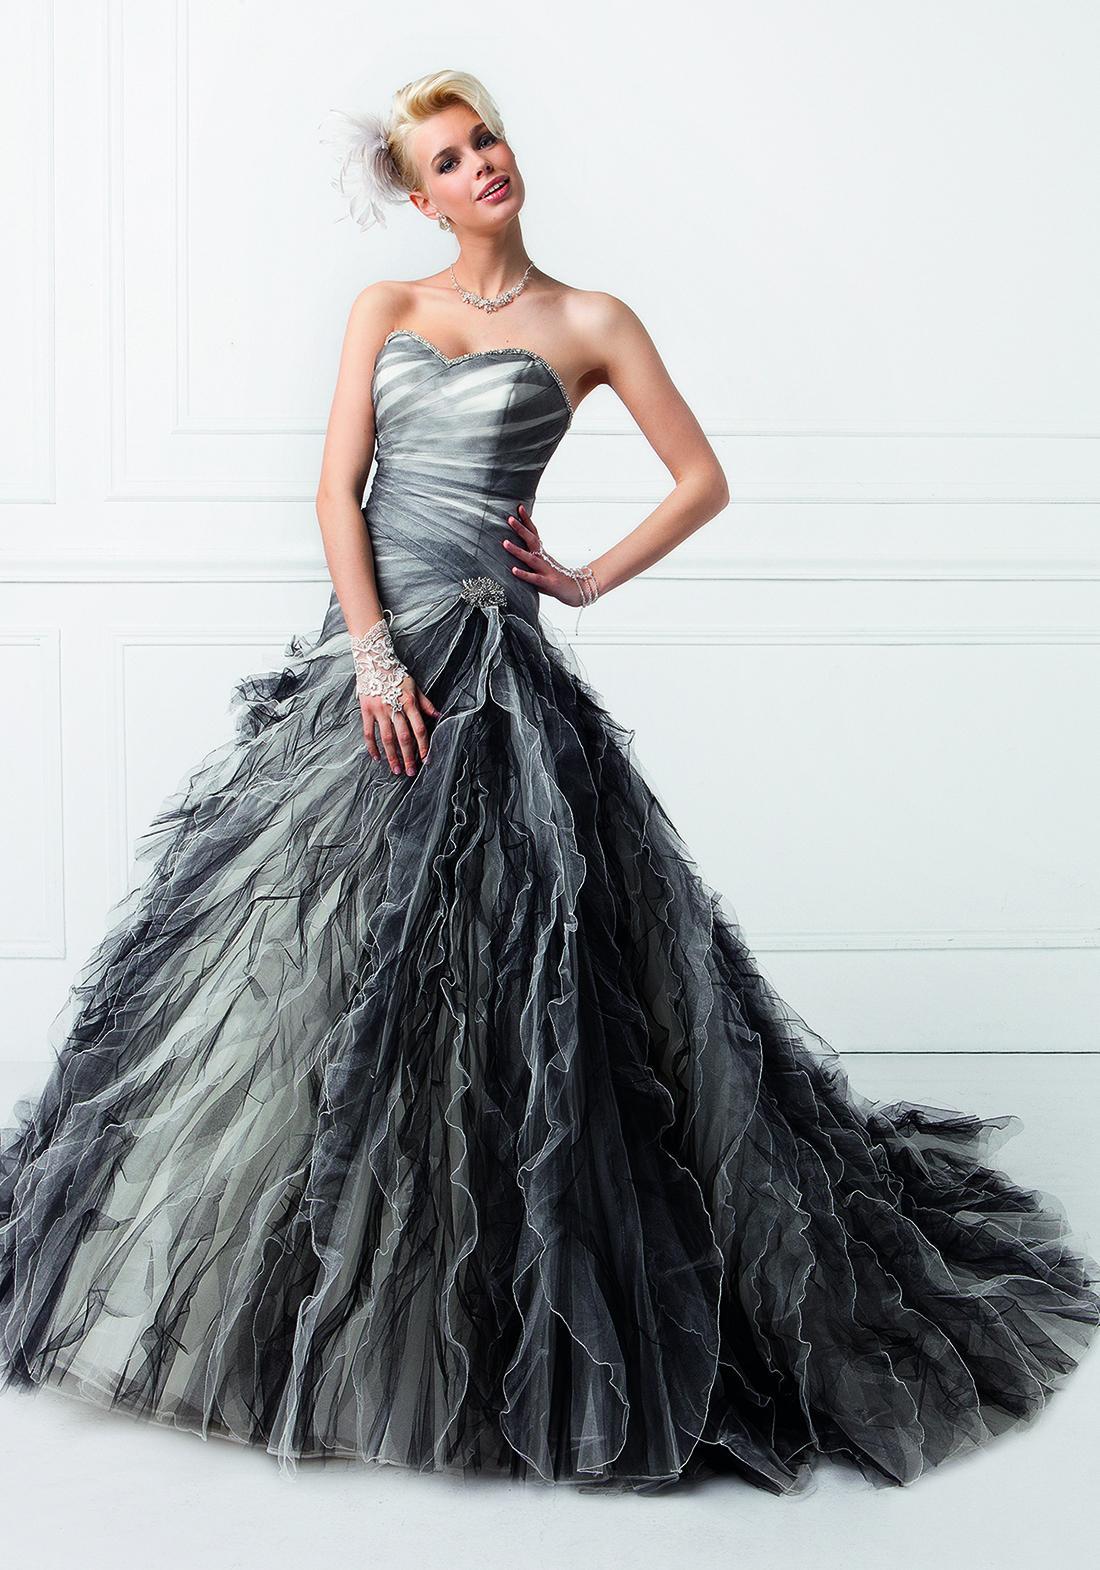 Robe mariée noir